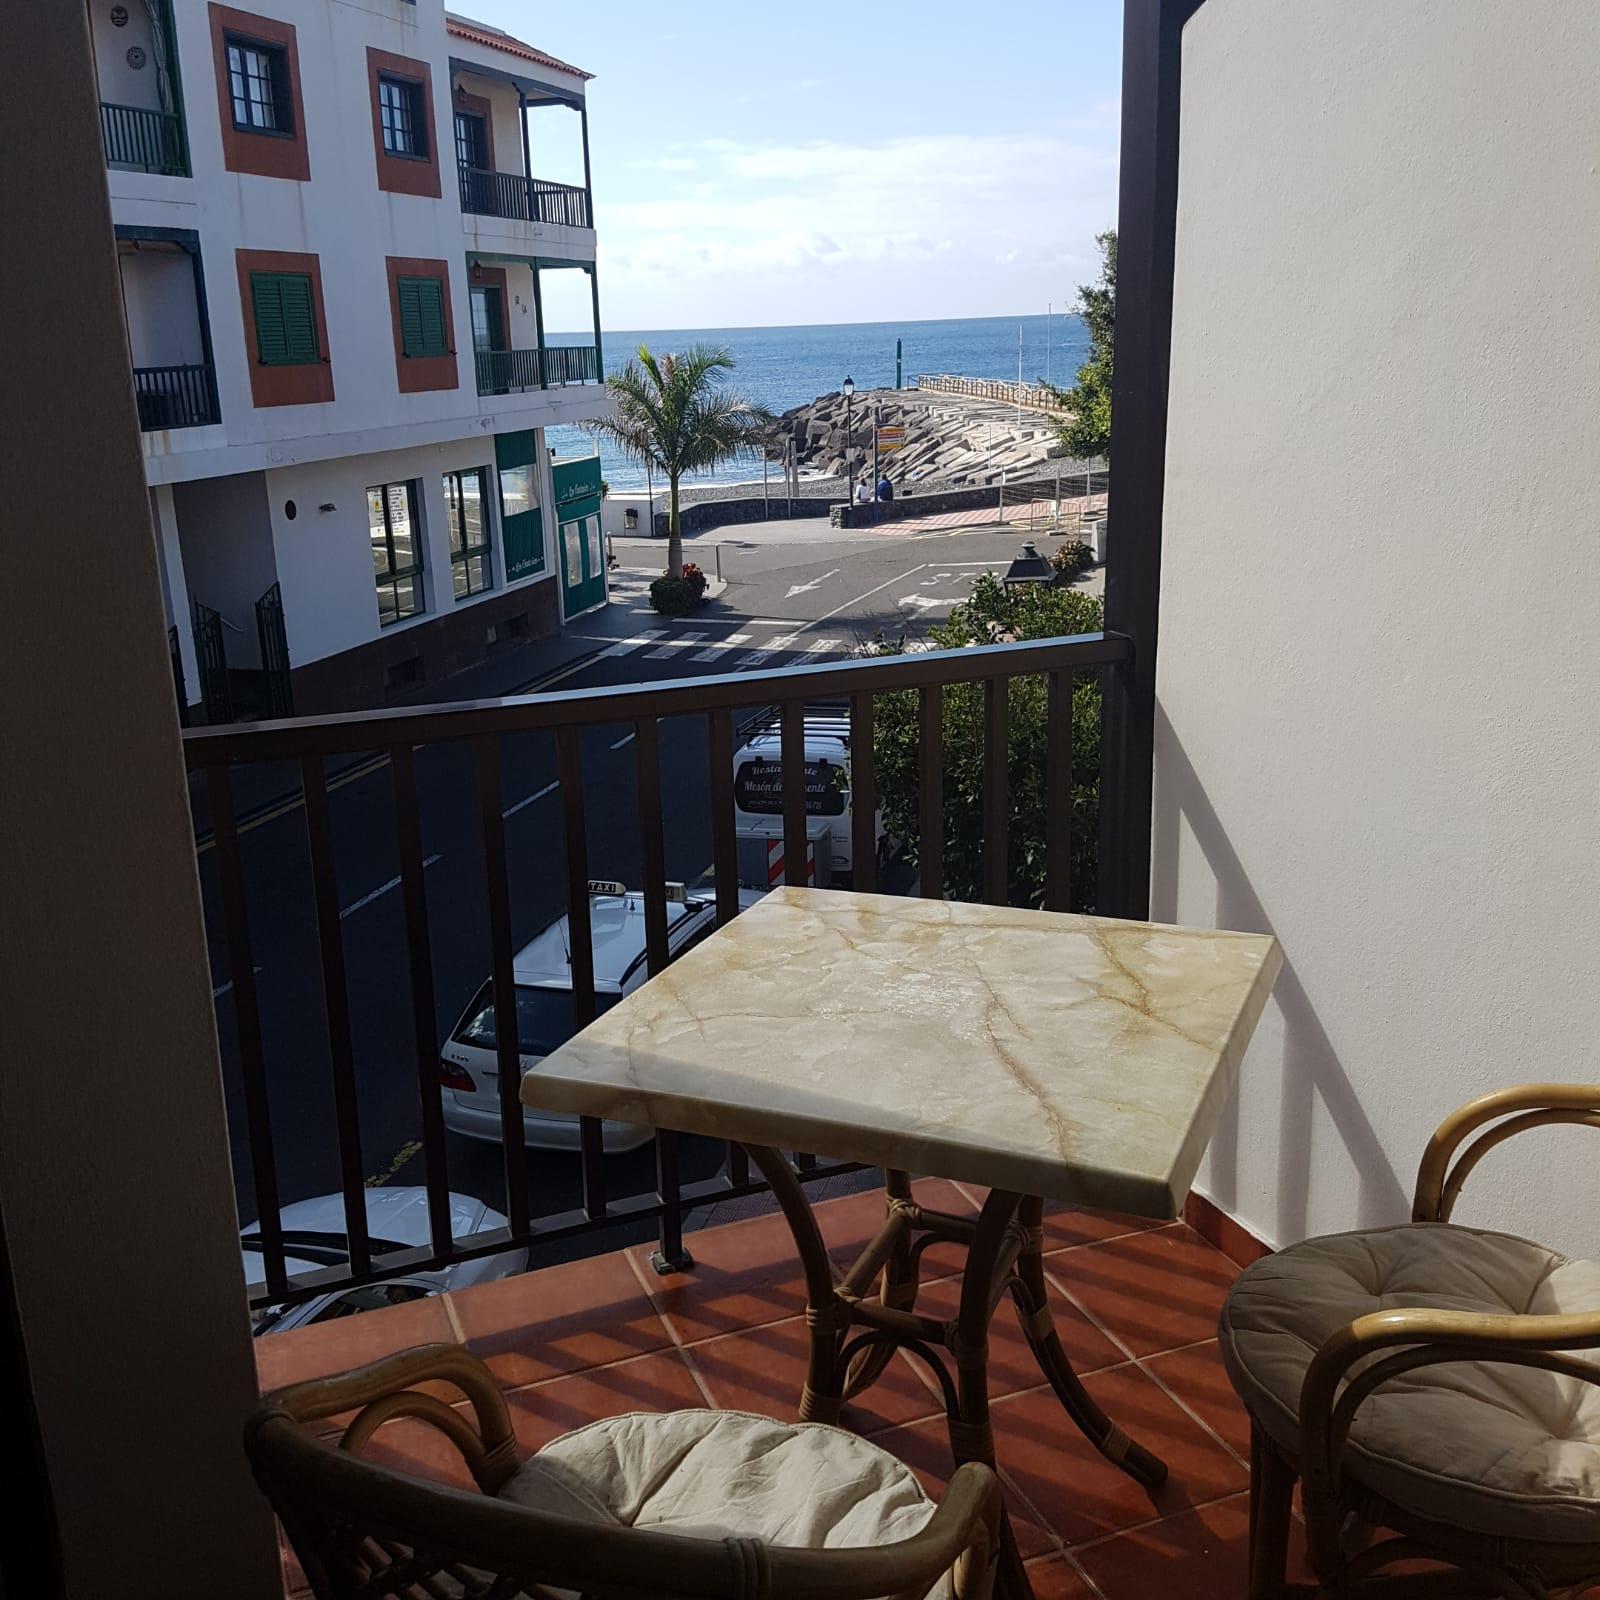 Ferienwohnung  (2681969), Playa de Santiago, La Gomera, Kanarische Inseln, Spanien, Bild 11